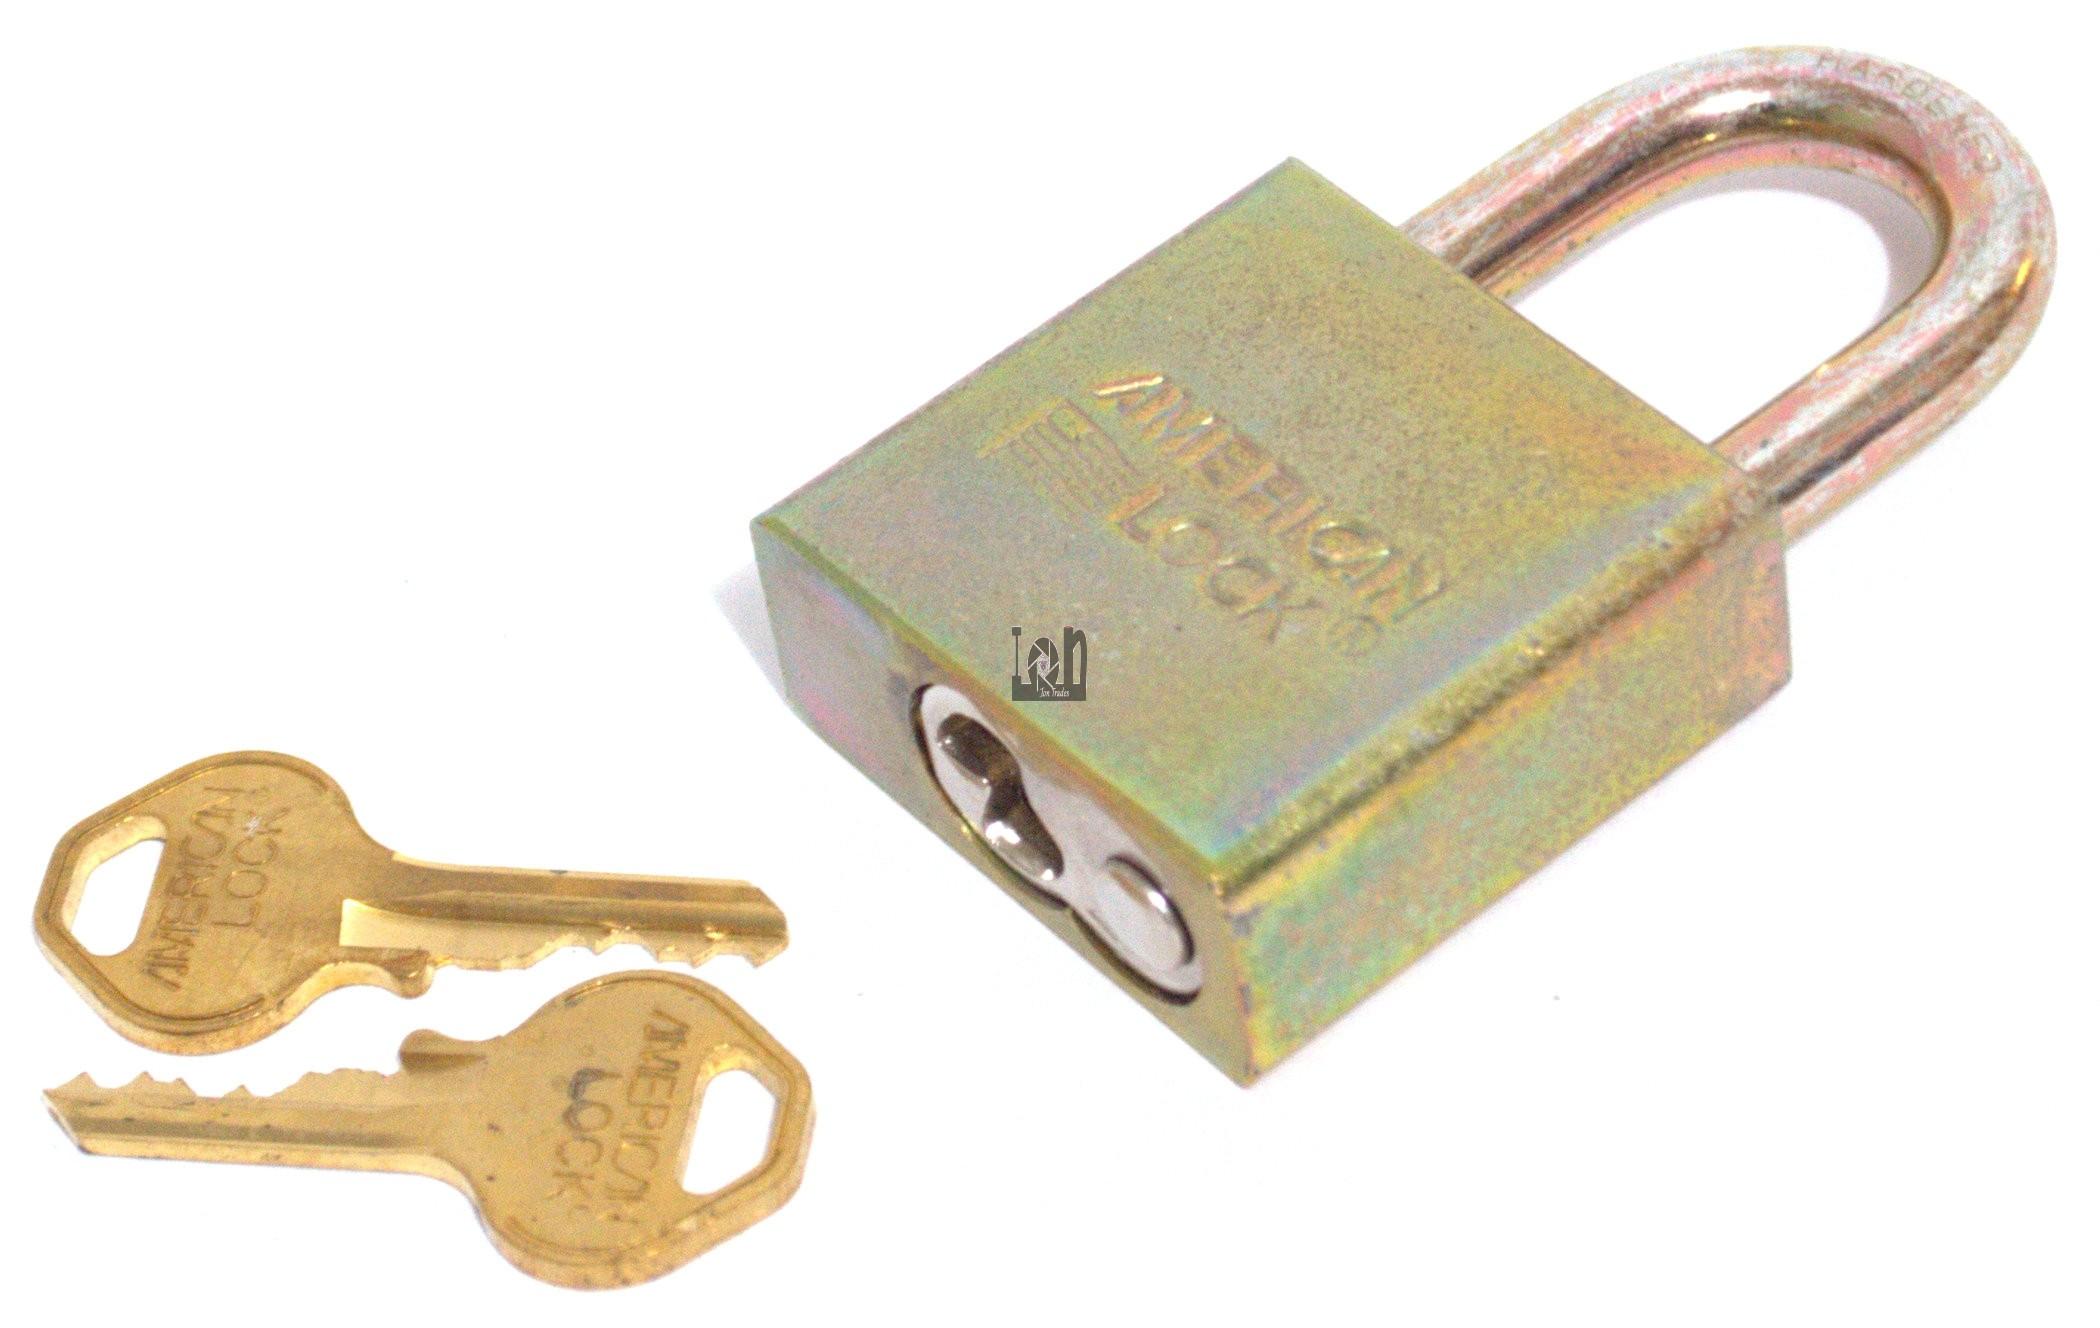 American Lock Padlock ASTMF883 High Security Locks Solid Stainless Steel